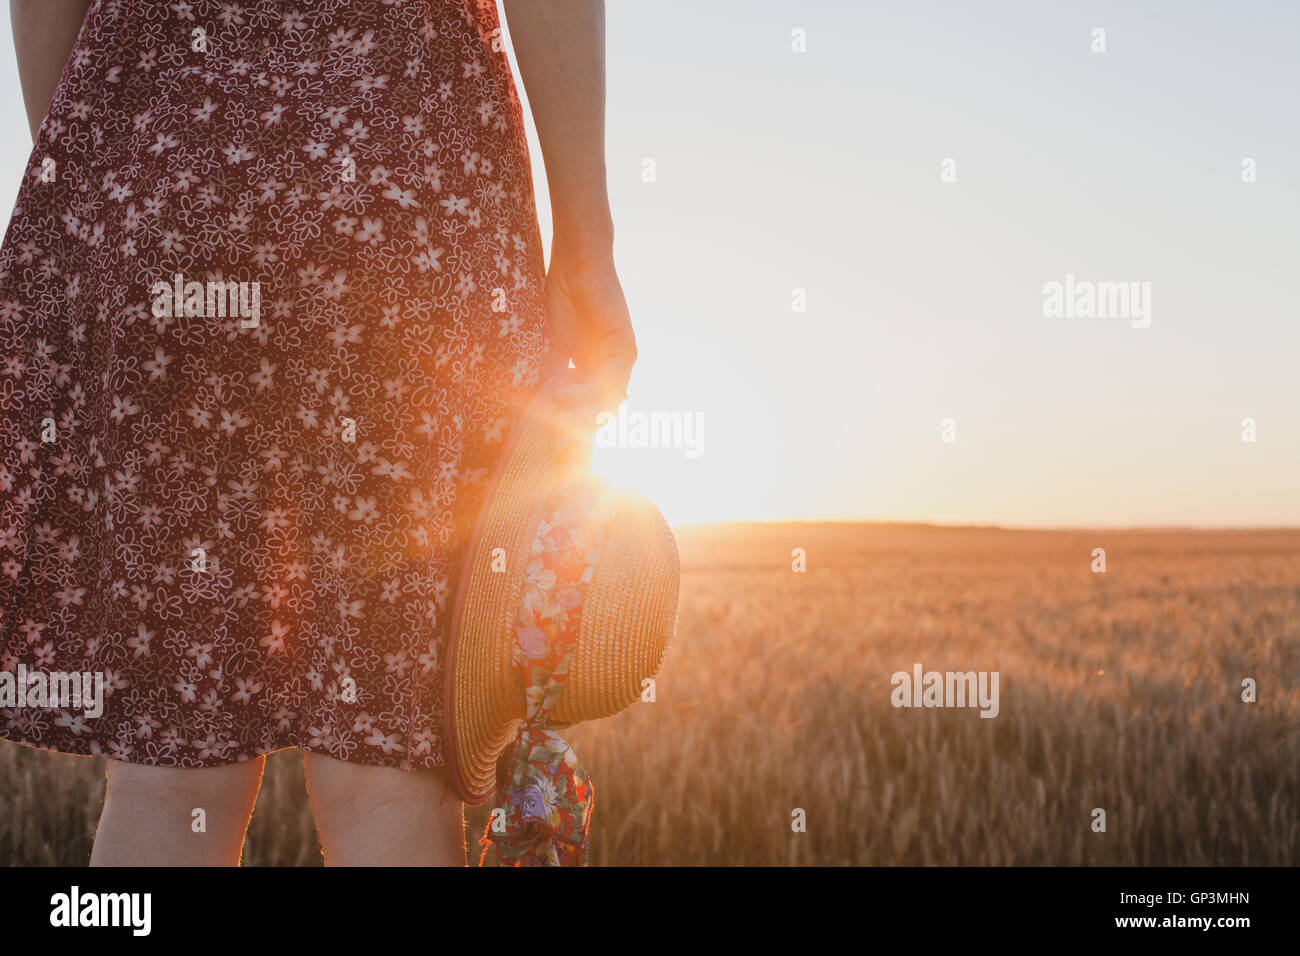 Despedida de espera ou conceito, pôr-do-sol de verão, mulher mão segurando hat Imagens de Stock